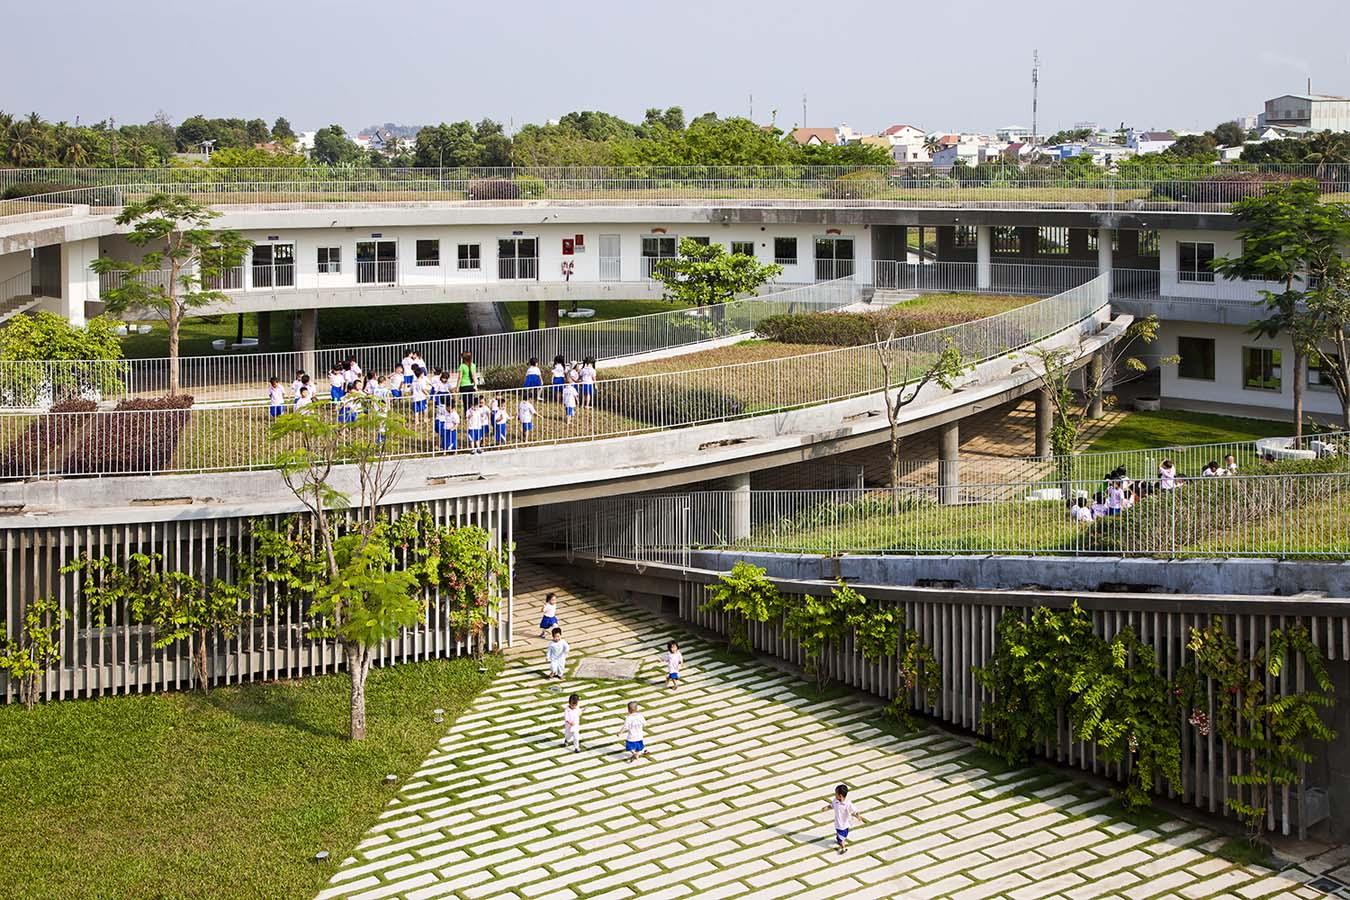 horta e jardim livro:telhado-verde-com-horta-em-jardim-de-infância-no-vietnã-5